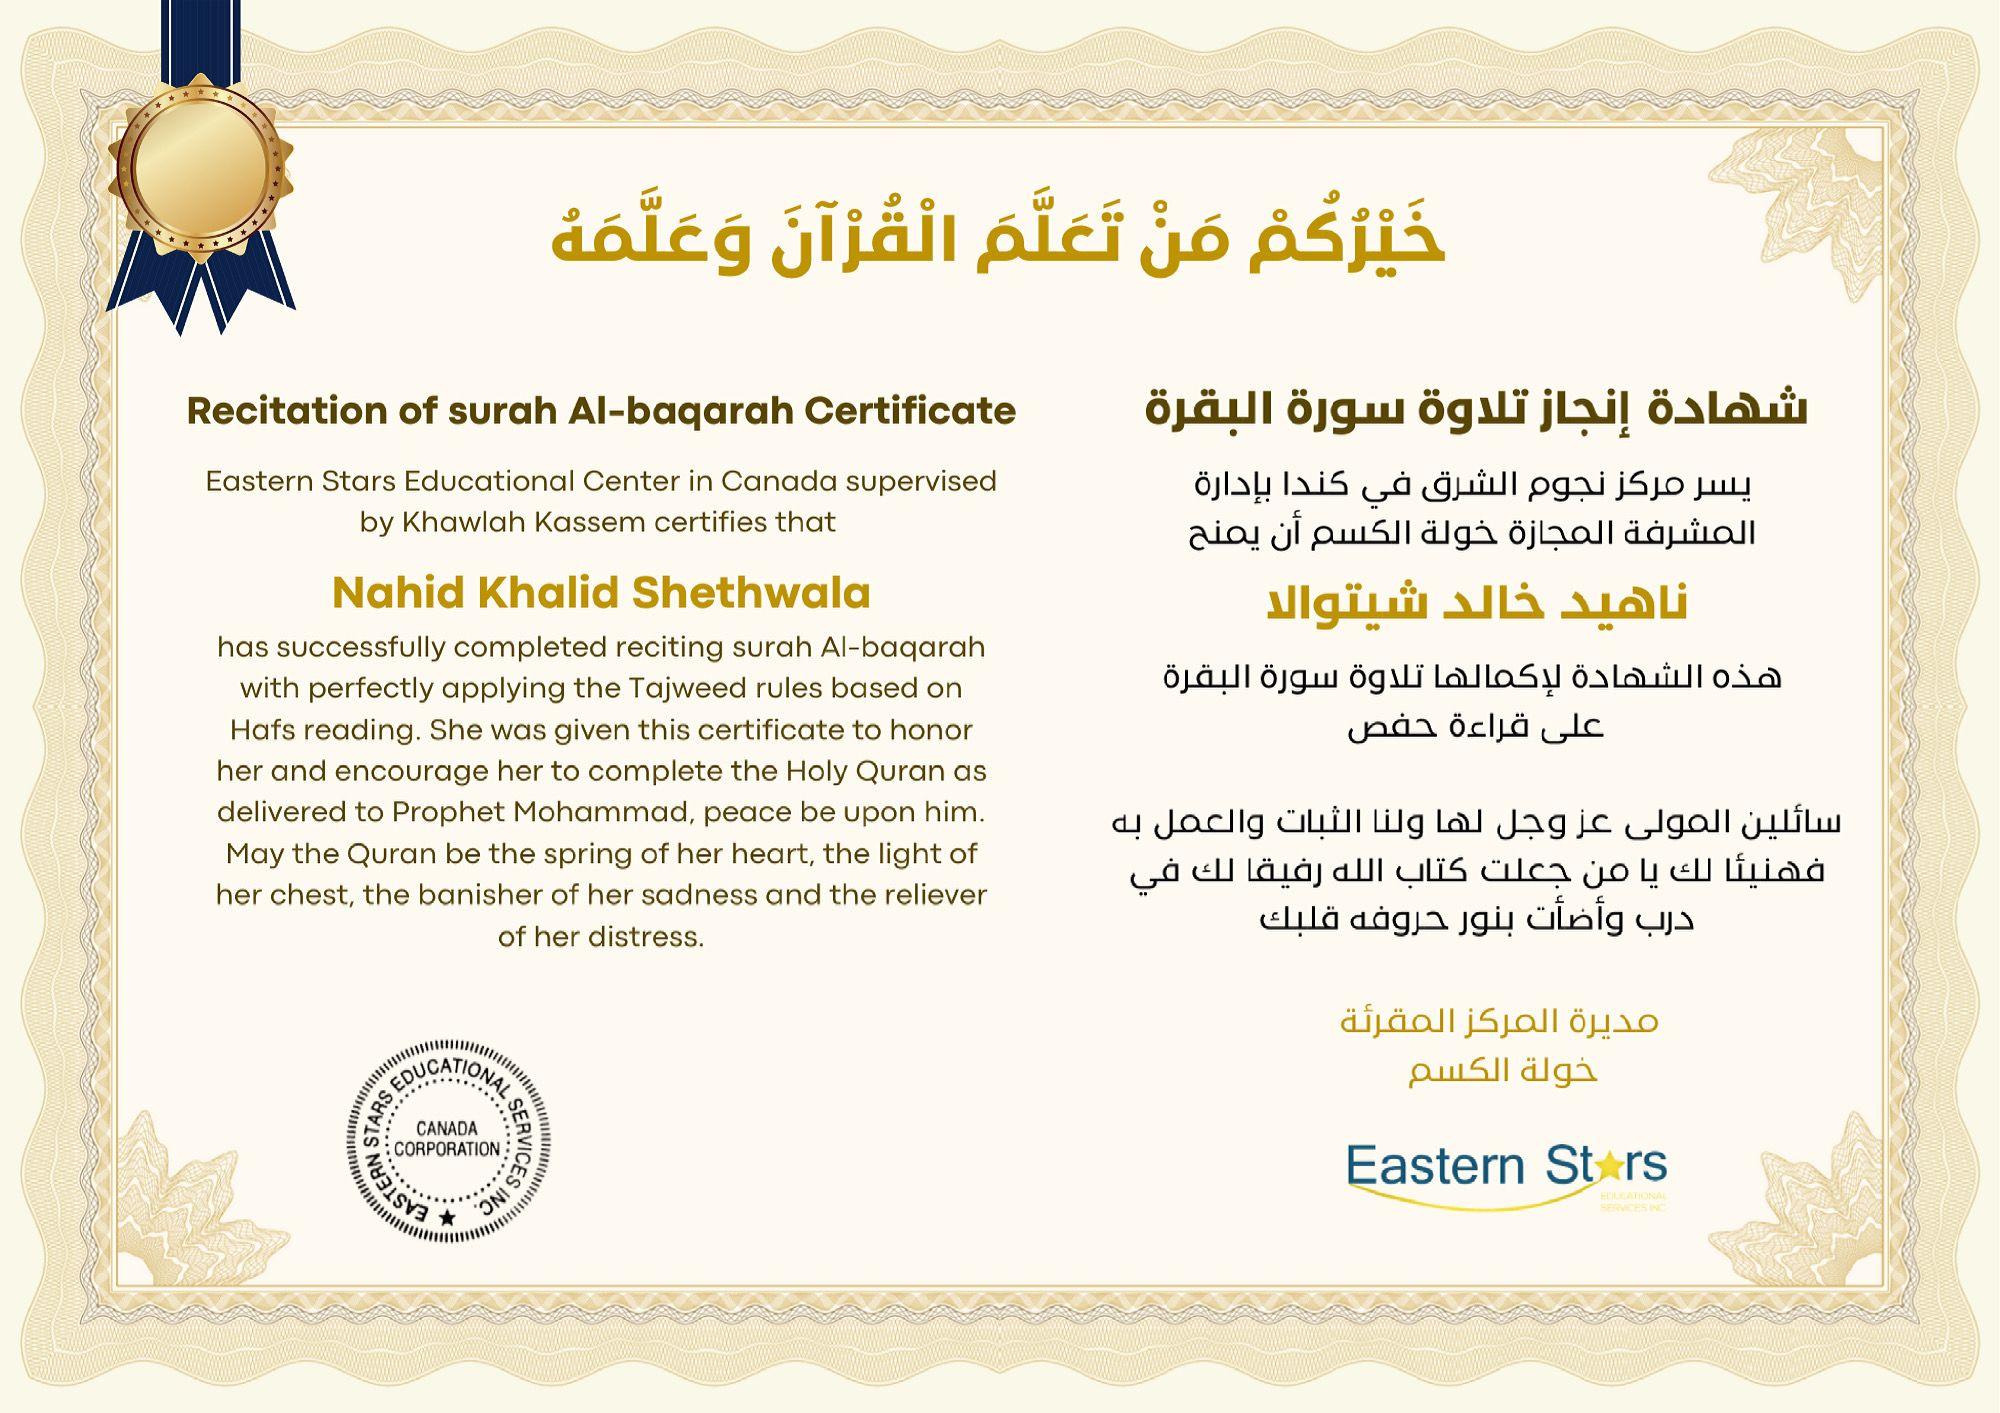 recitation-of-surah-Al-baqarah